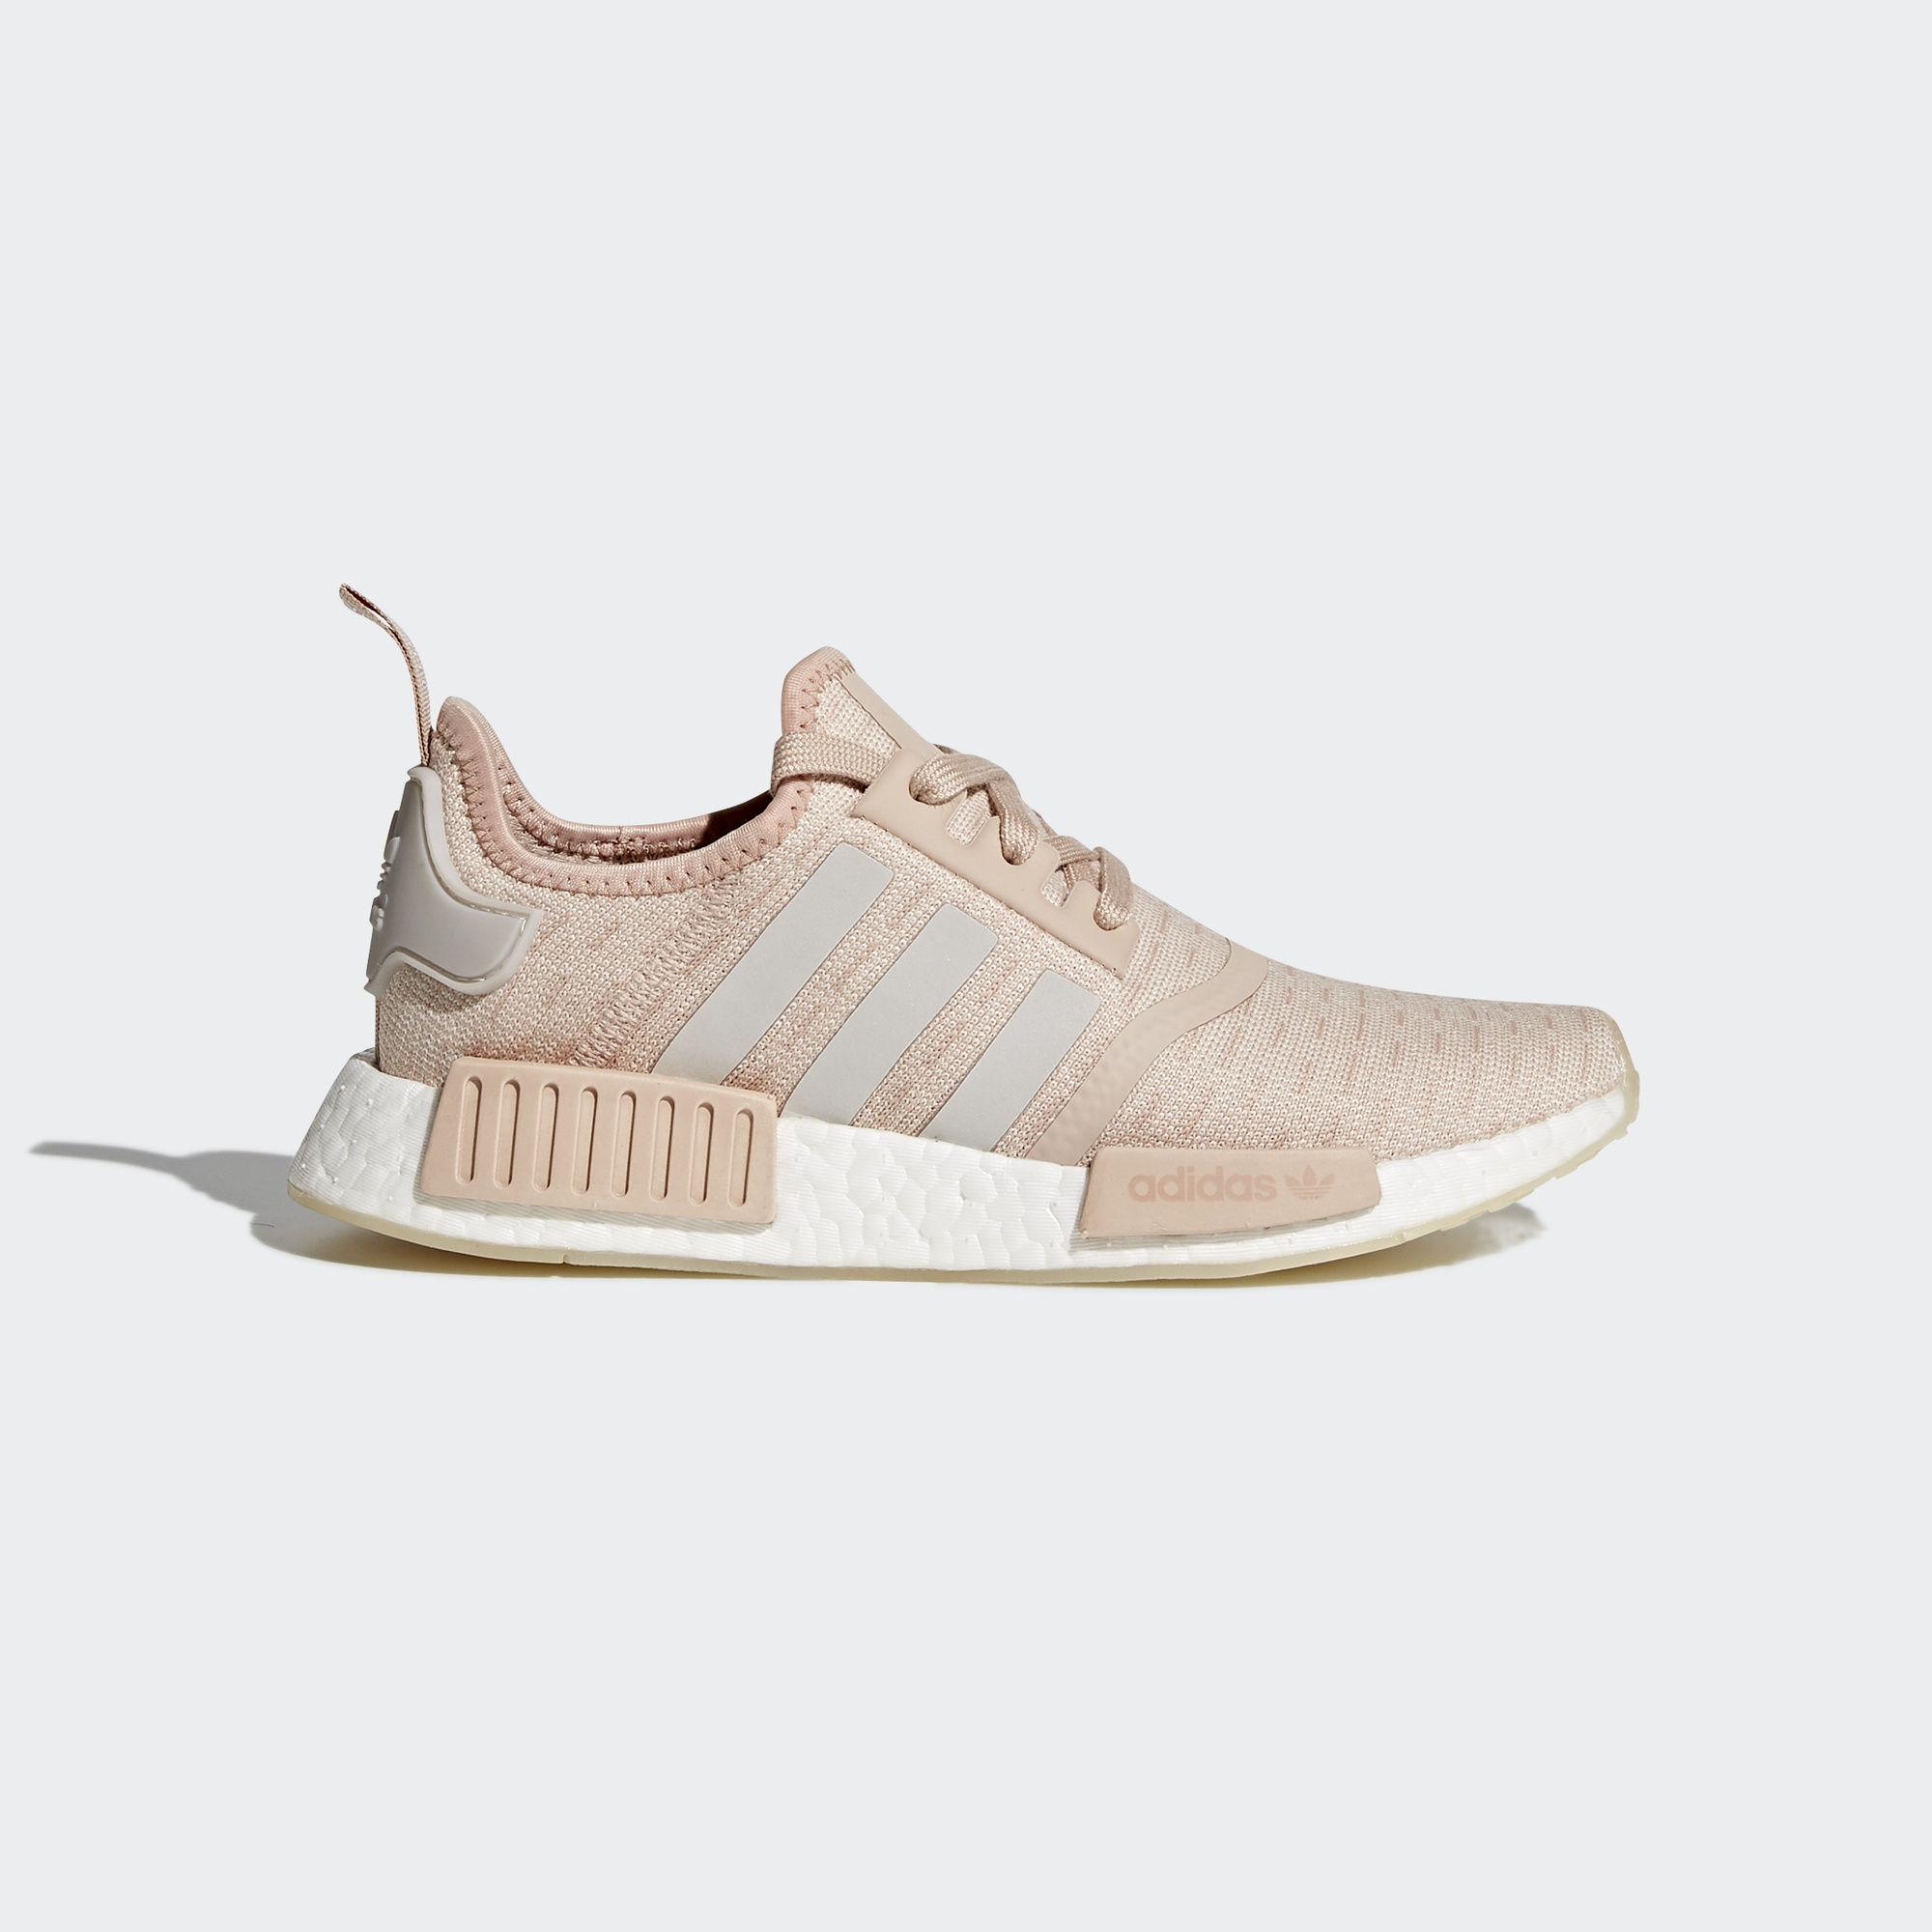 Nmd_r1 Shoes | Upp till 70% |